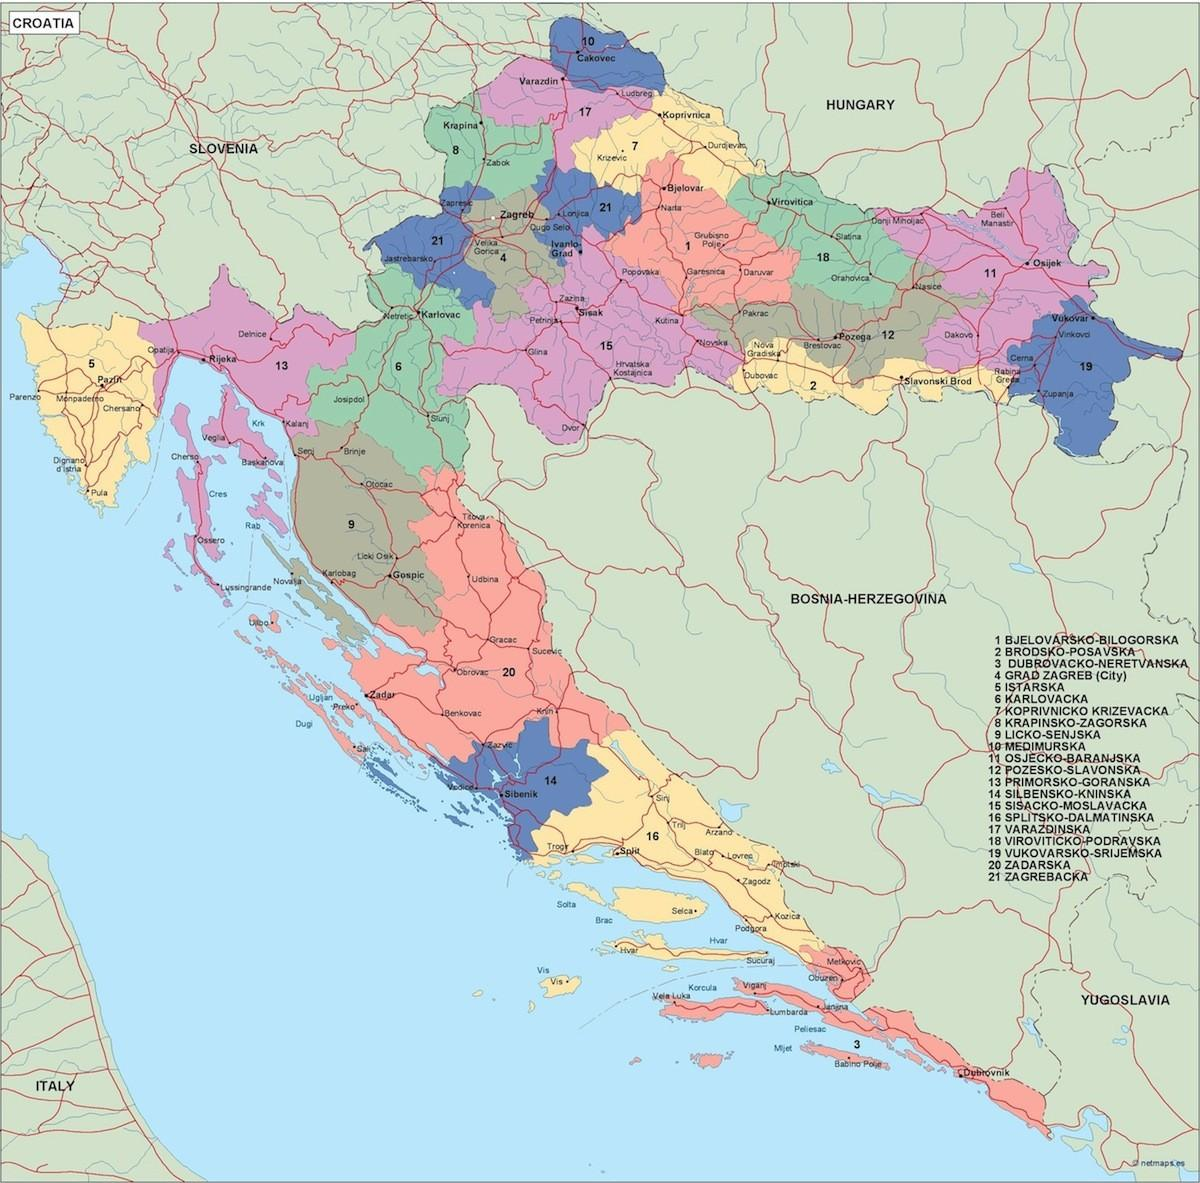 kroatien politiske kort kort over kroatien politiske det sydlige europa europa. Black Bedroom Furniture Sets. Home Design Ideas